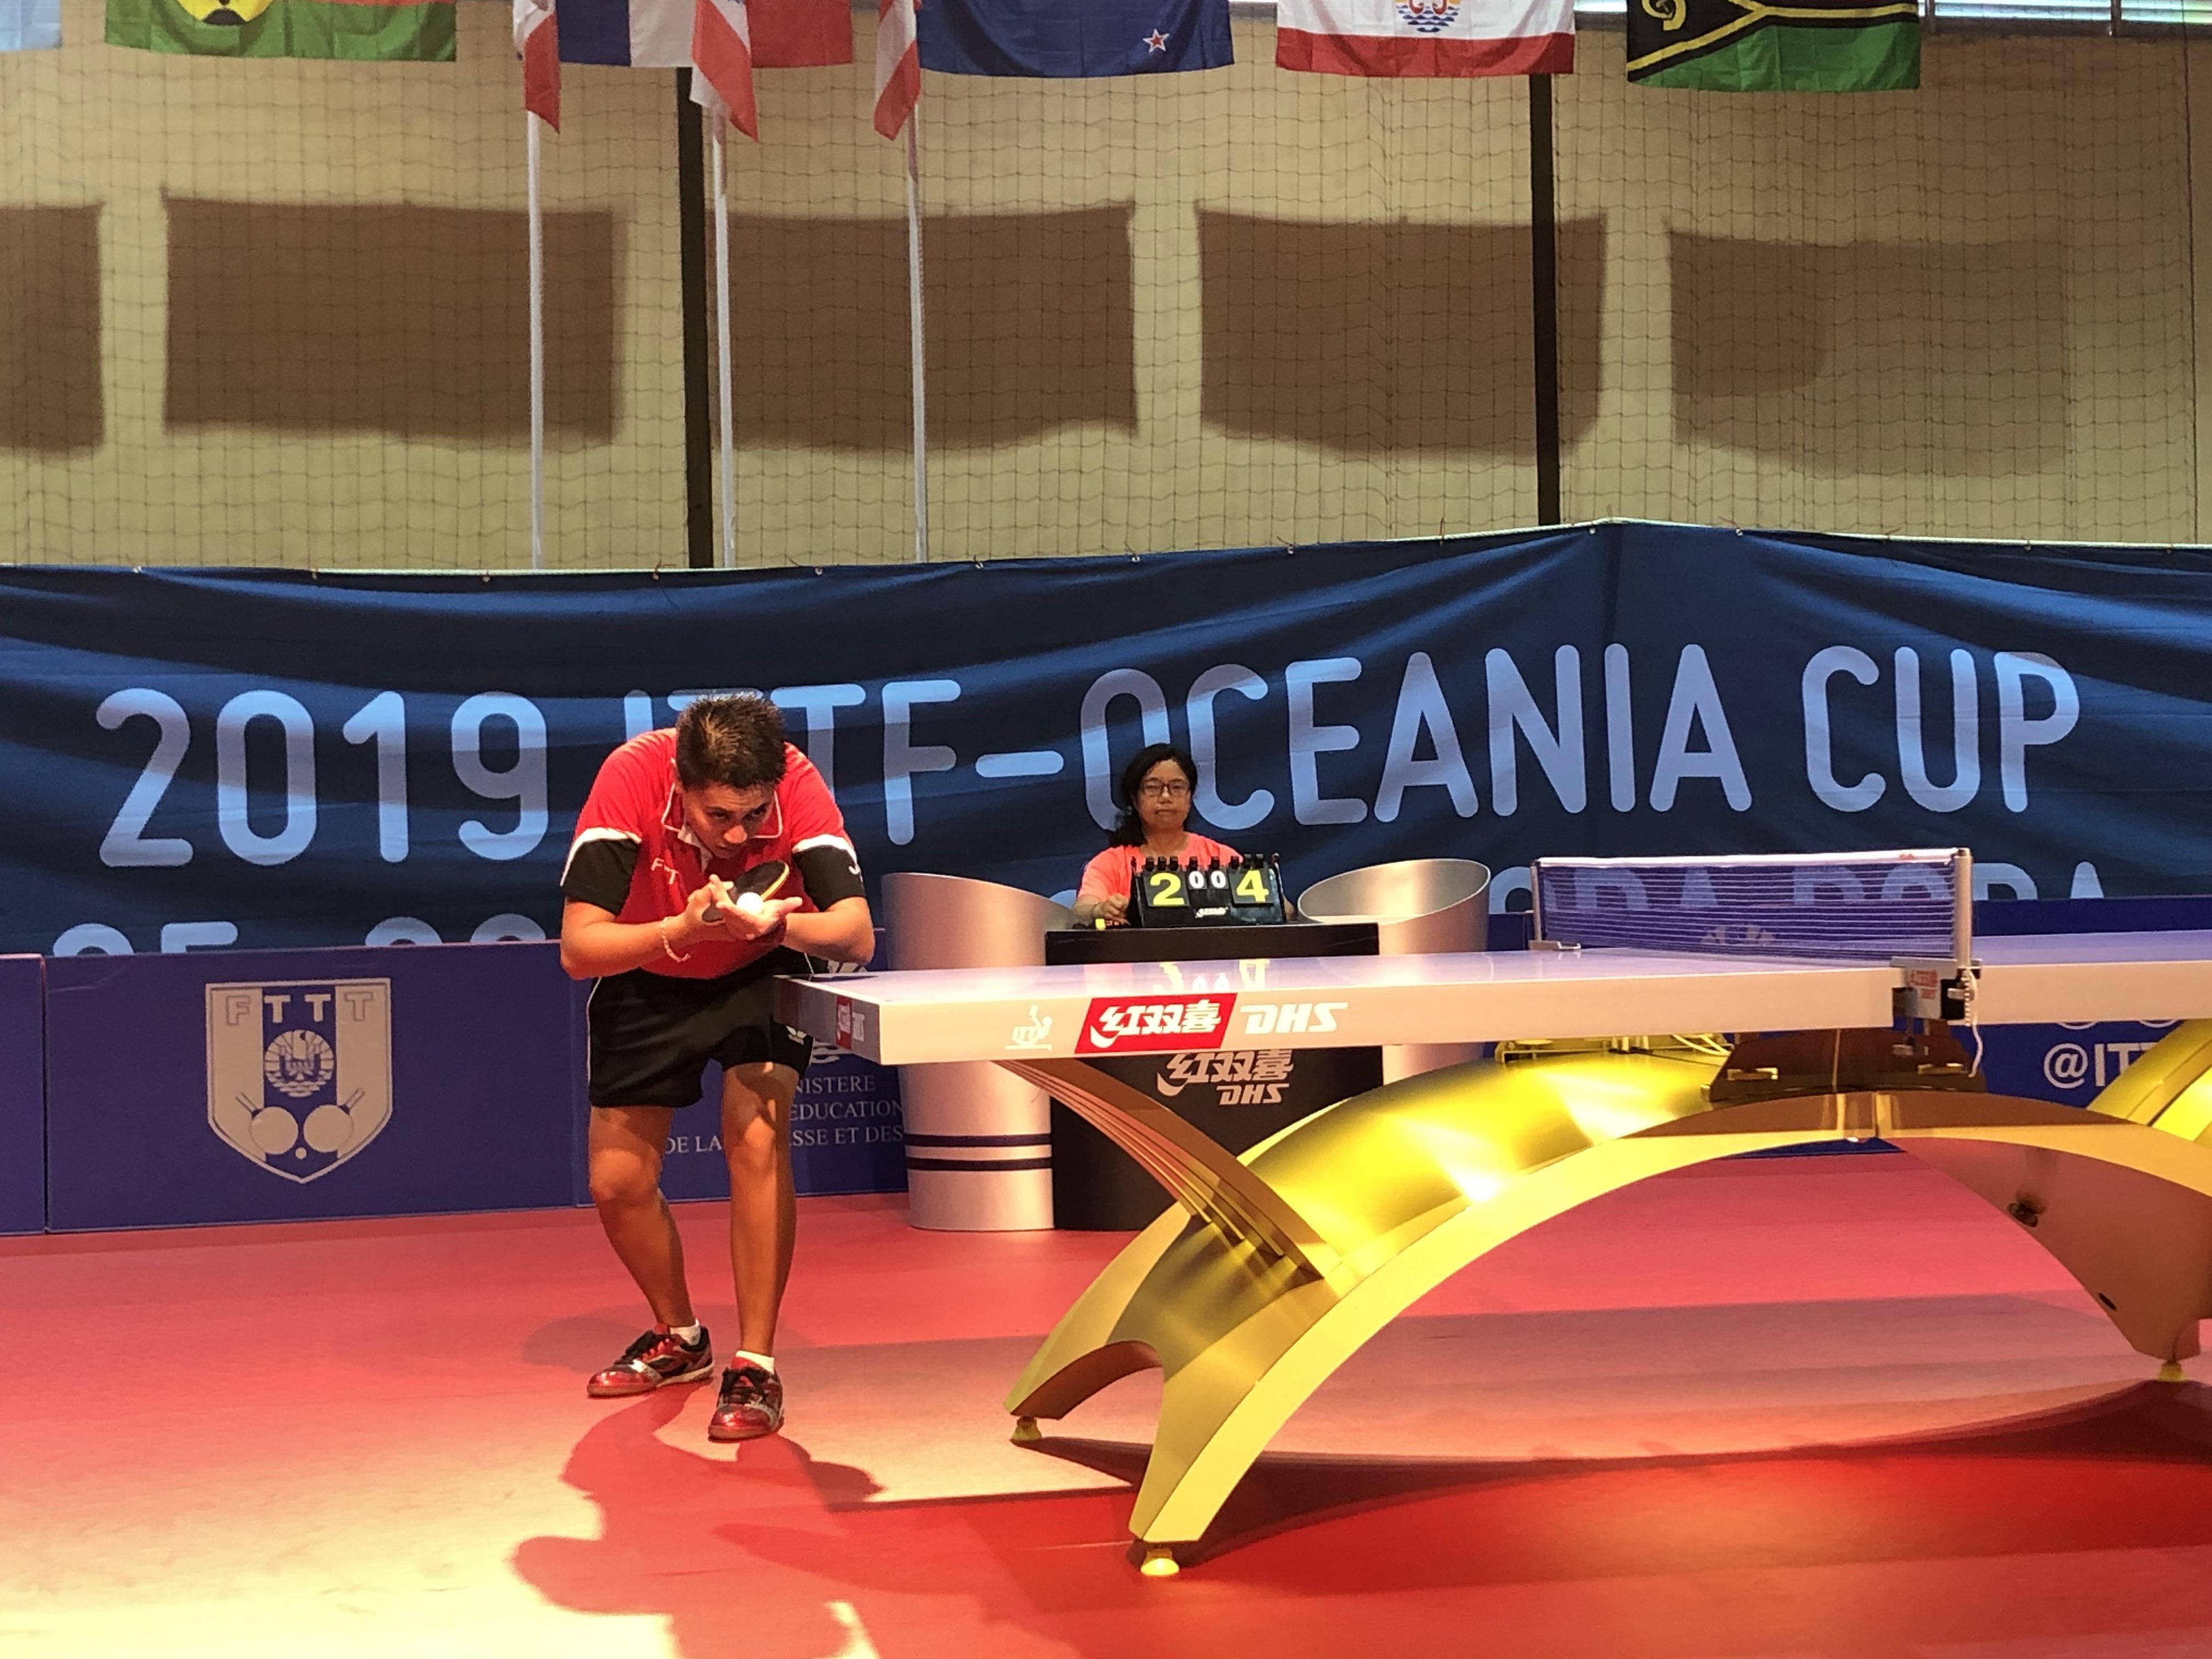 Melveen Richmond, médaillée d'or aux derniers Jeux du Pacifique, s'est inclinée pour son entrée en lice face à la pongiste Néo-Zélandais Jiayi Zhou.